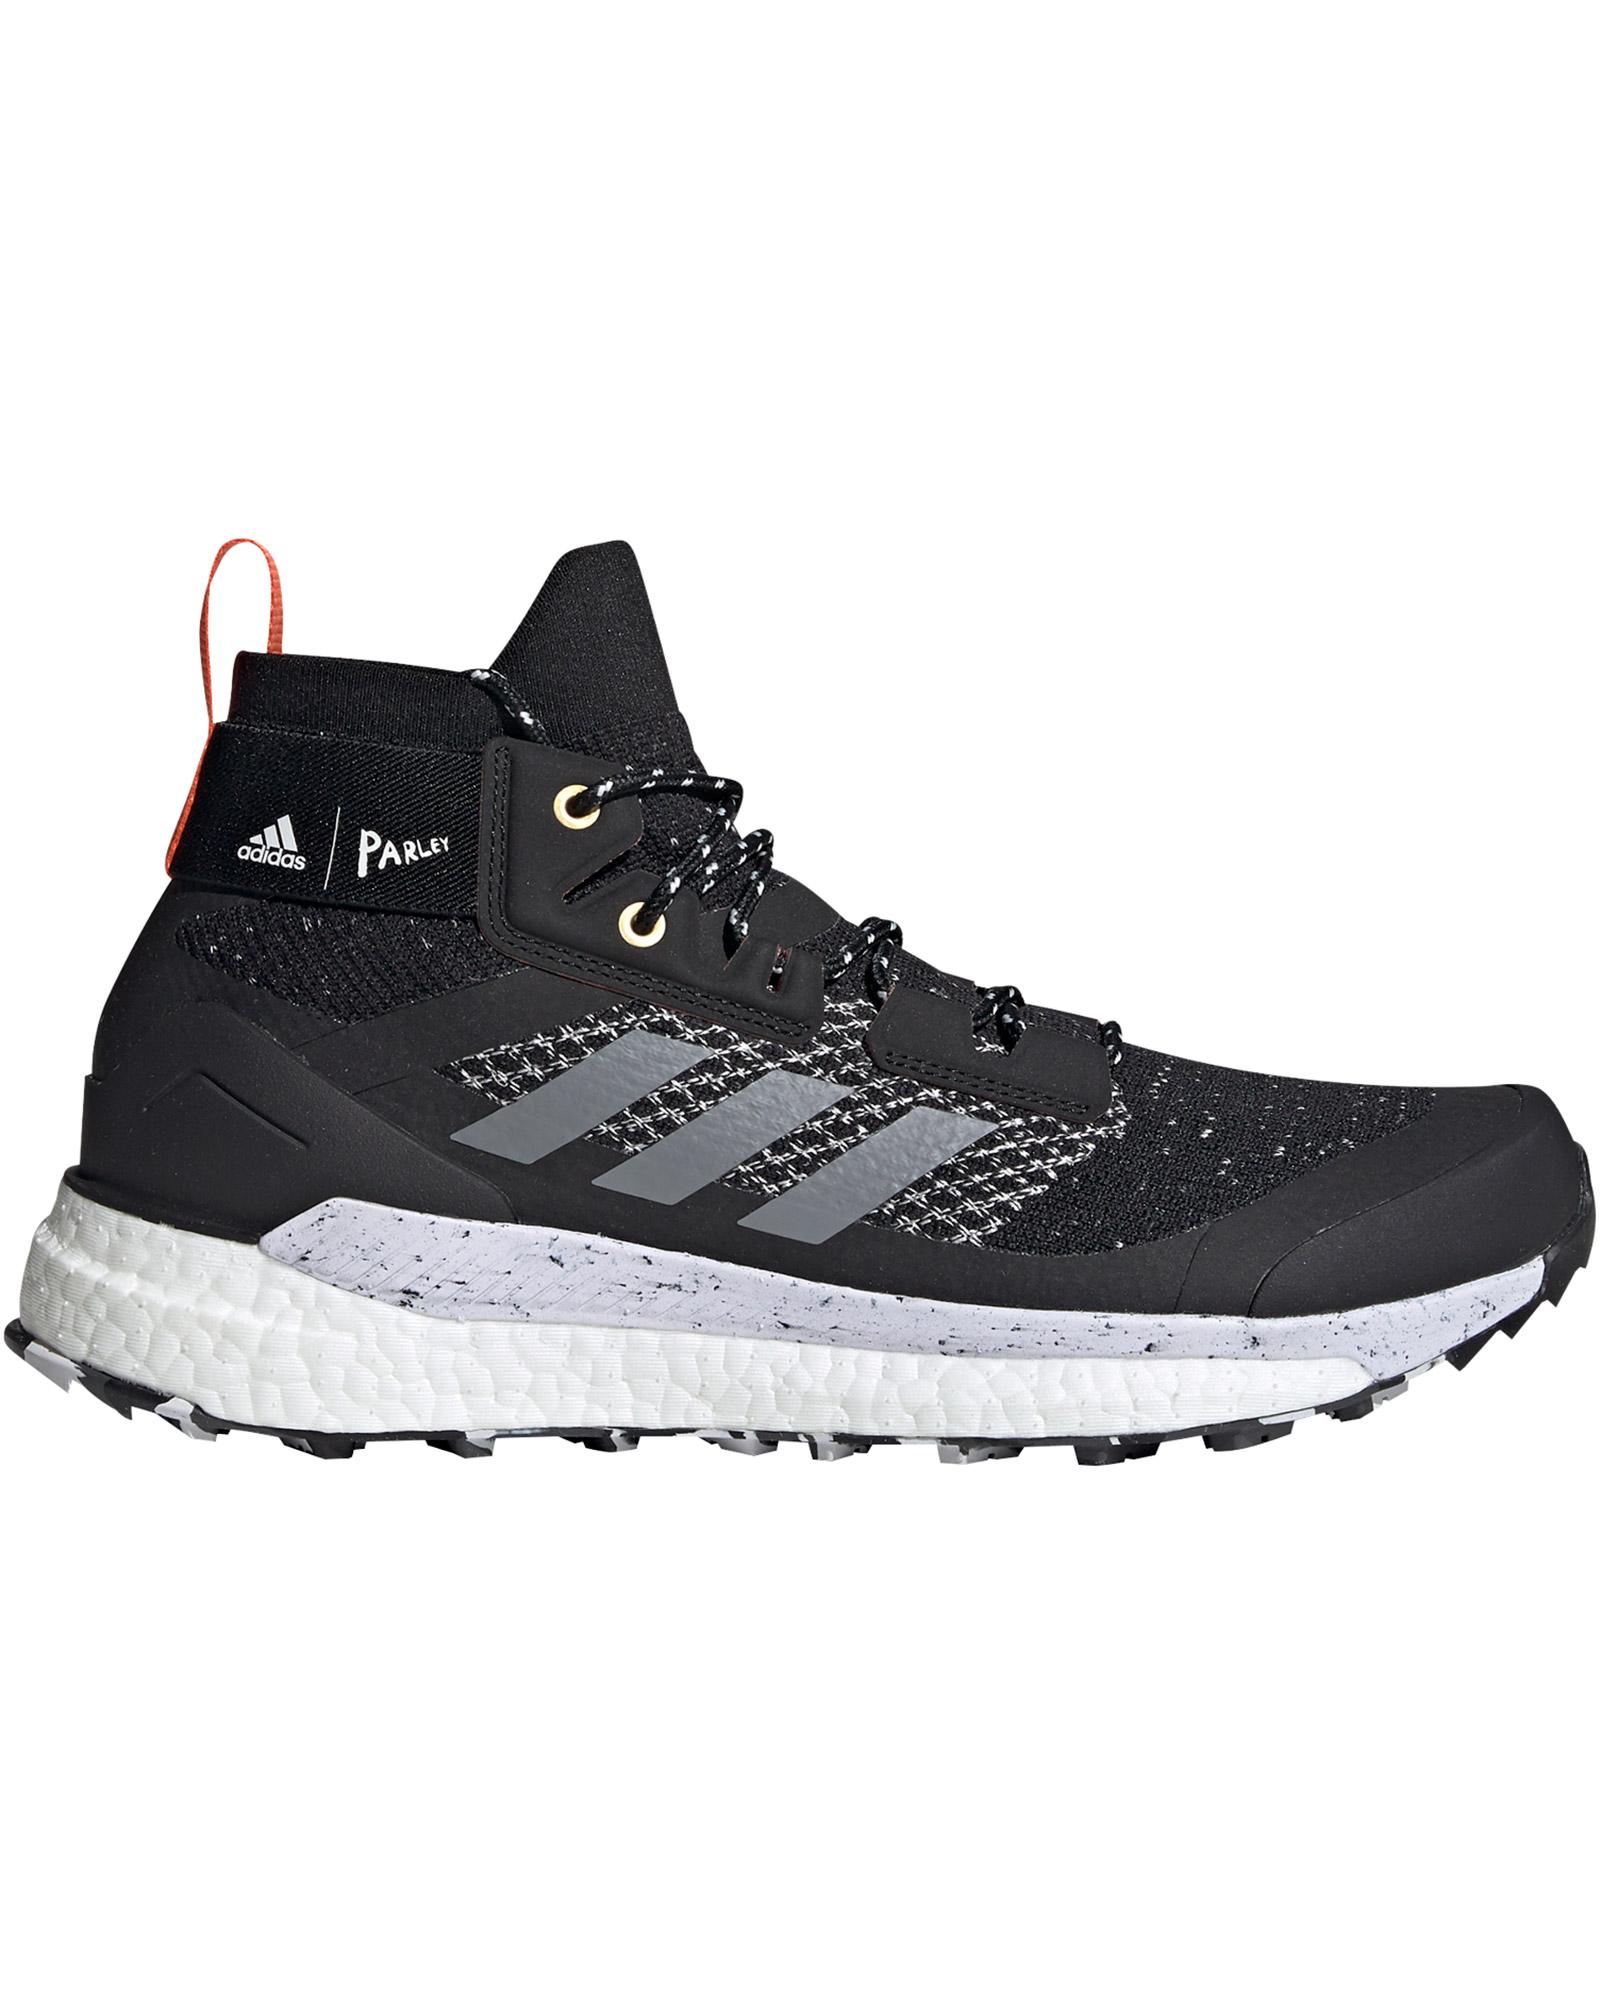 Adidas Terrex Men's Terrex Free Hiker Parley Walking Boots 0